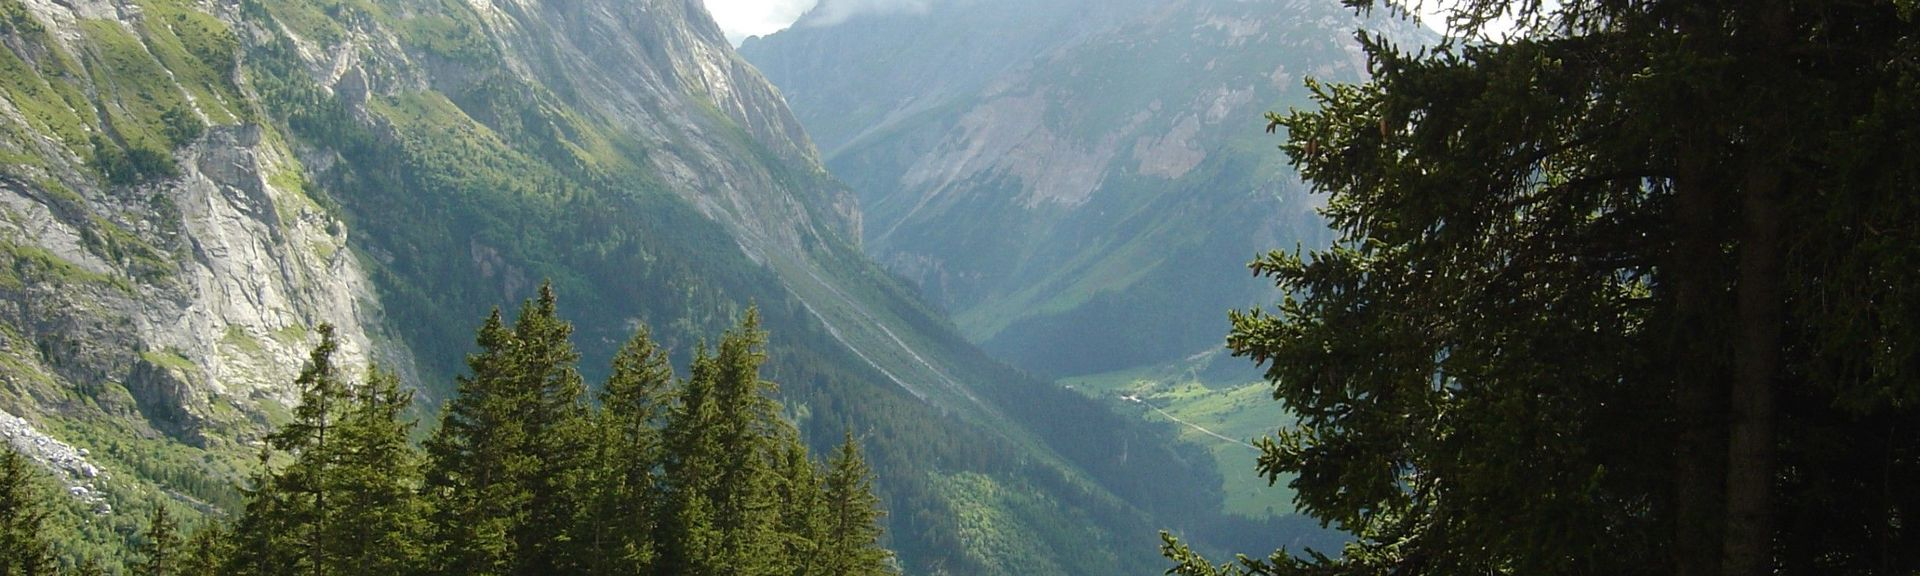 Termignon, Savoie (department), France